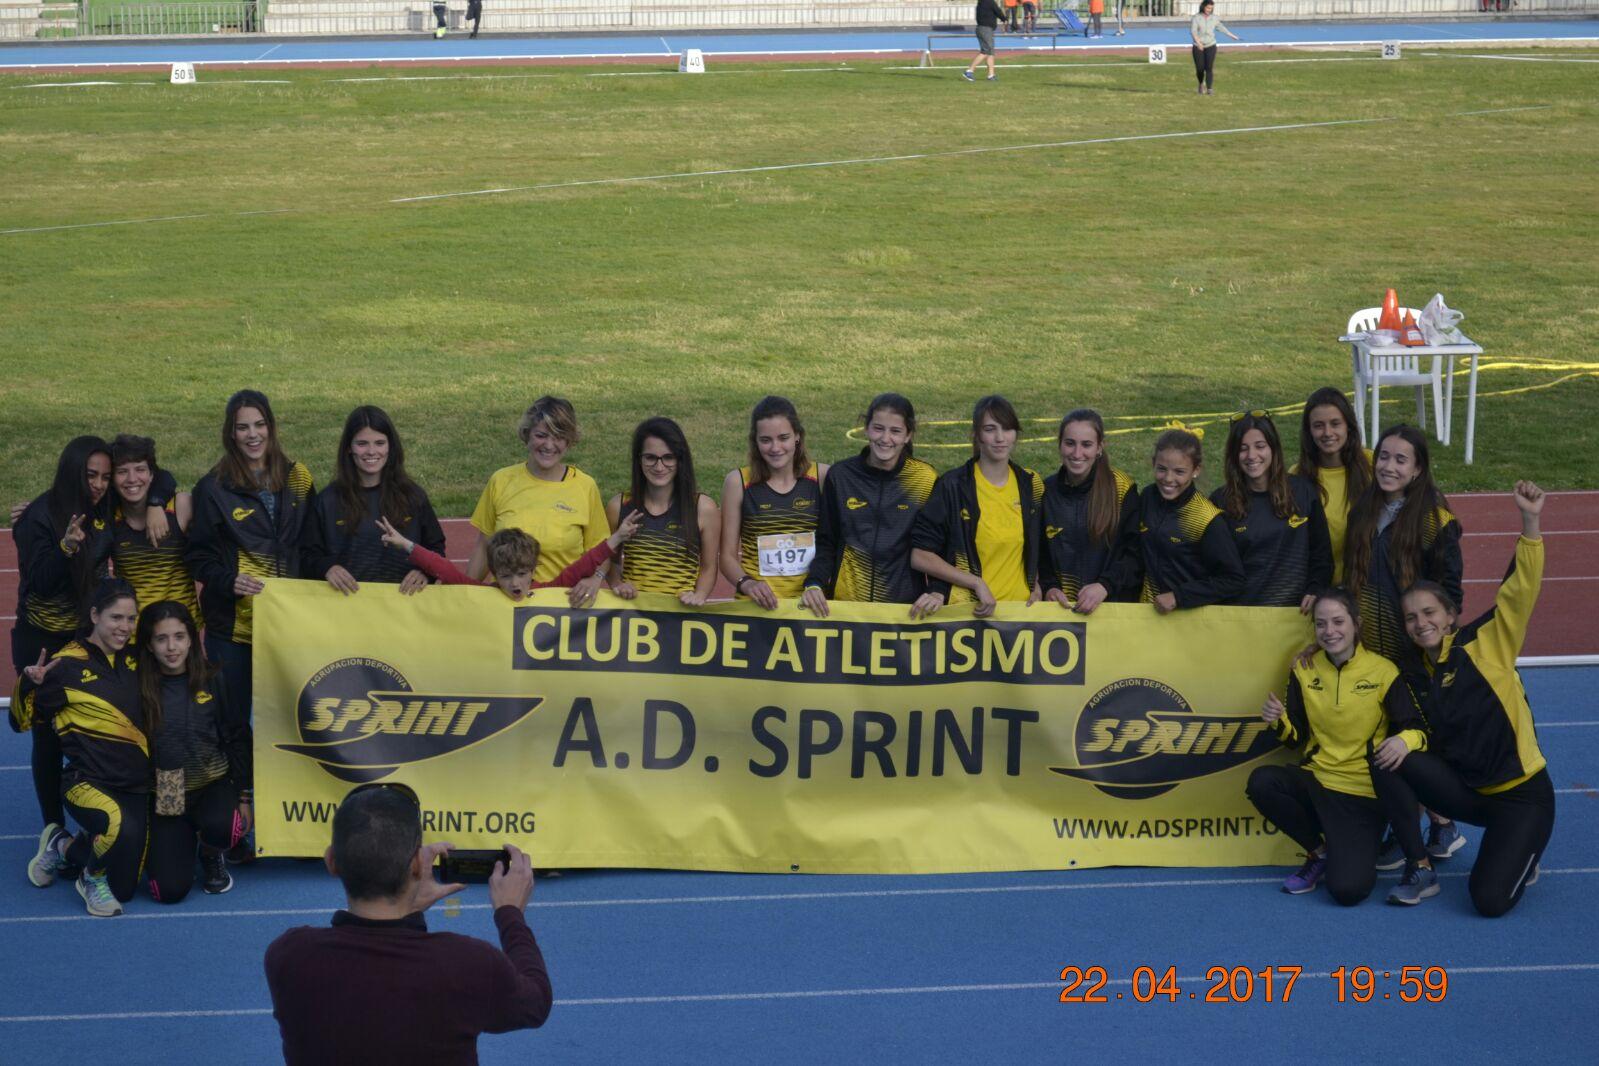 Este domingo nuestras chicas compiten en Segunda División!!